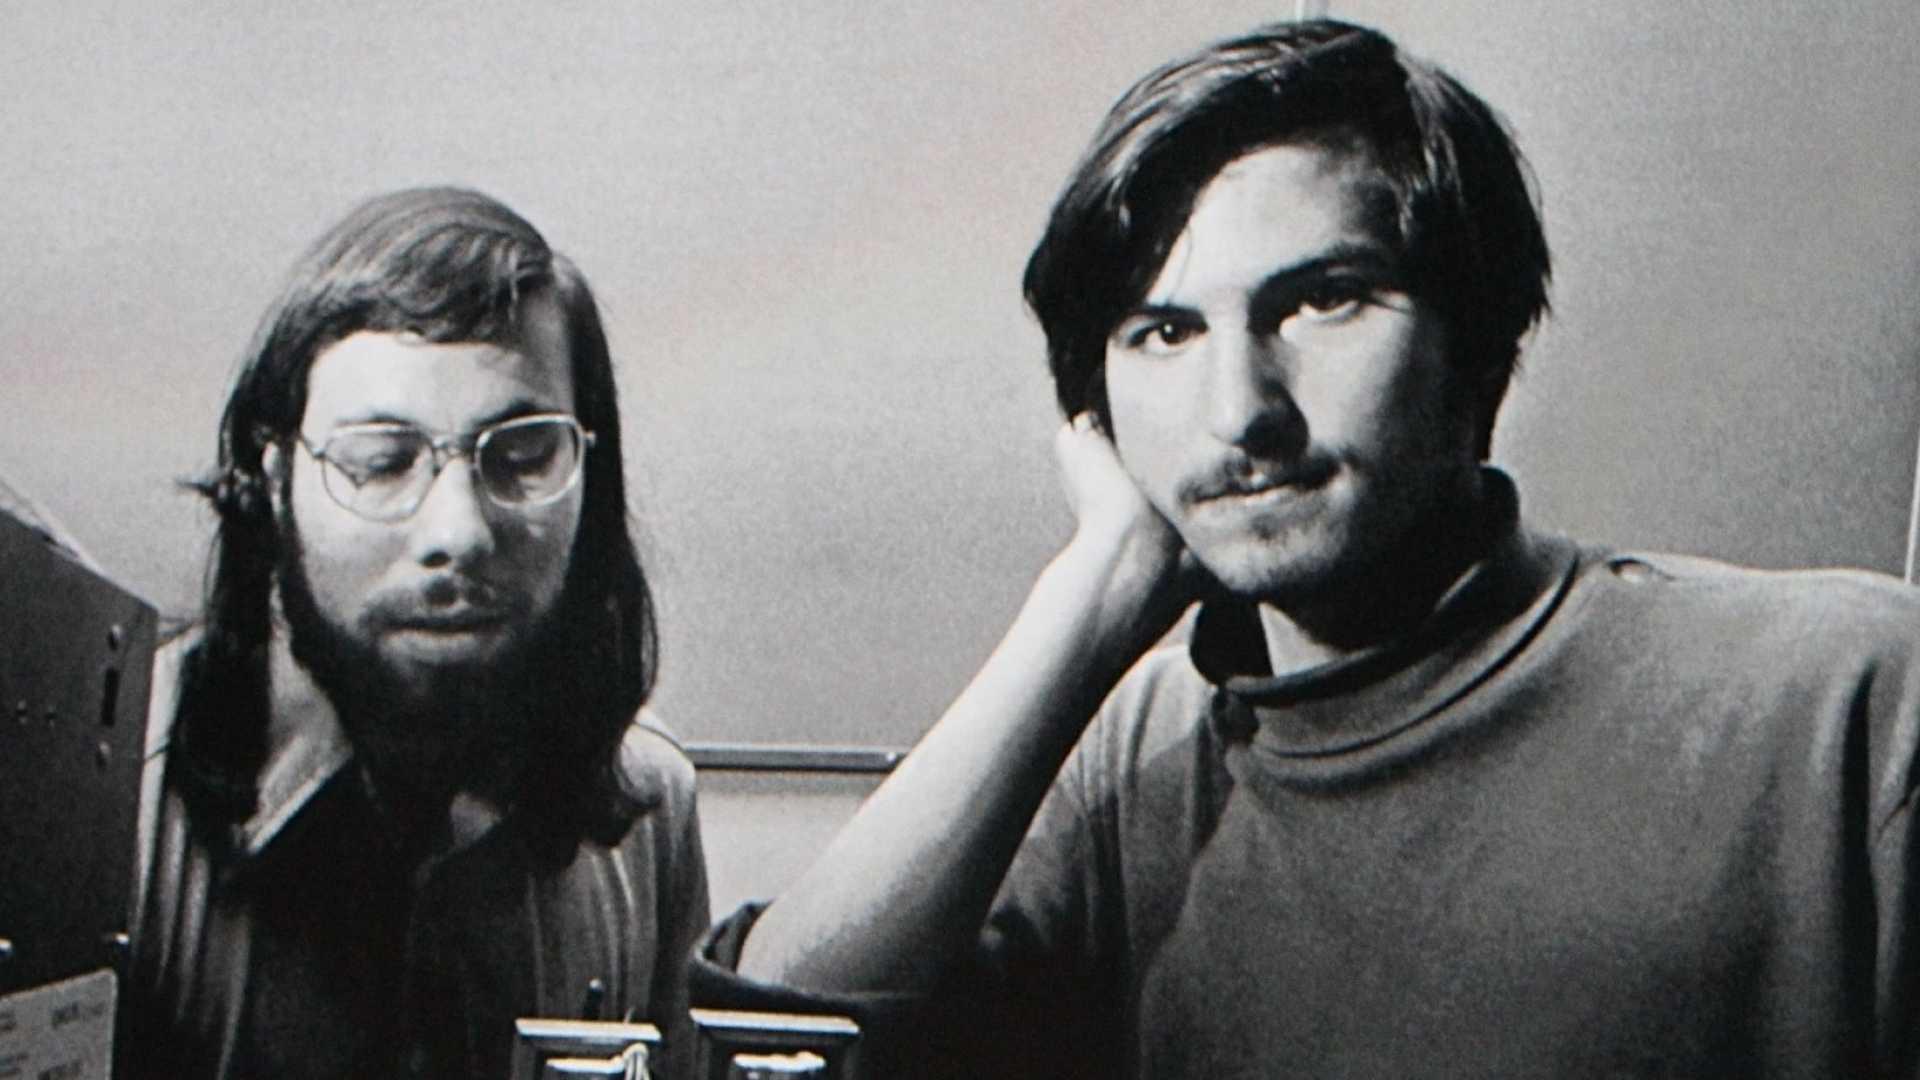 Steve Wozniak Net Worth